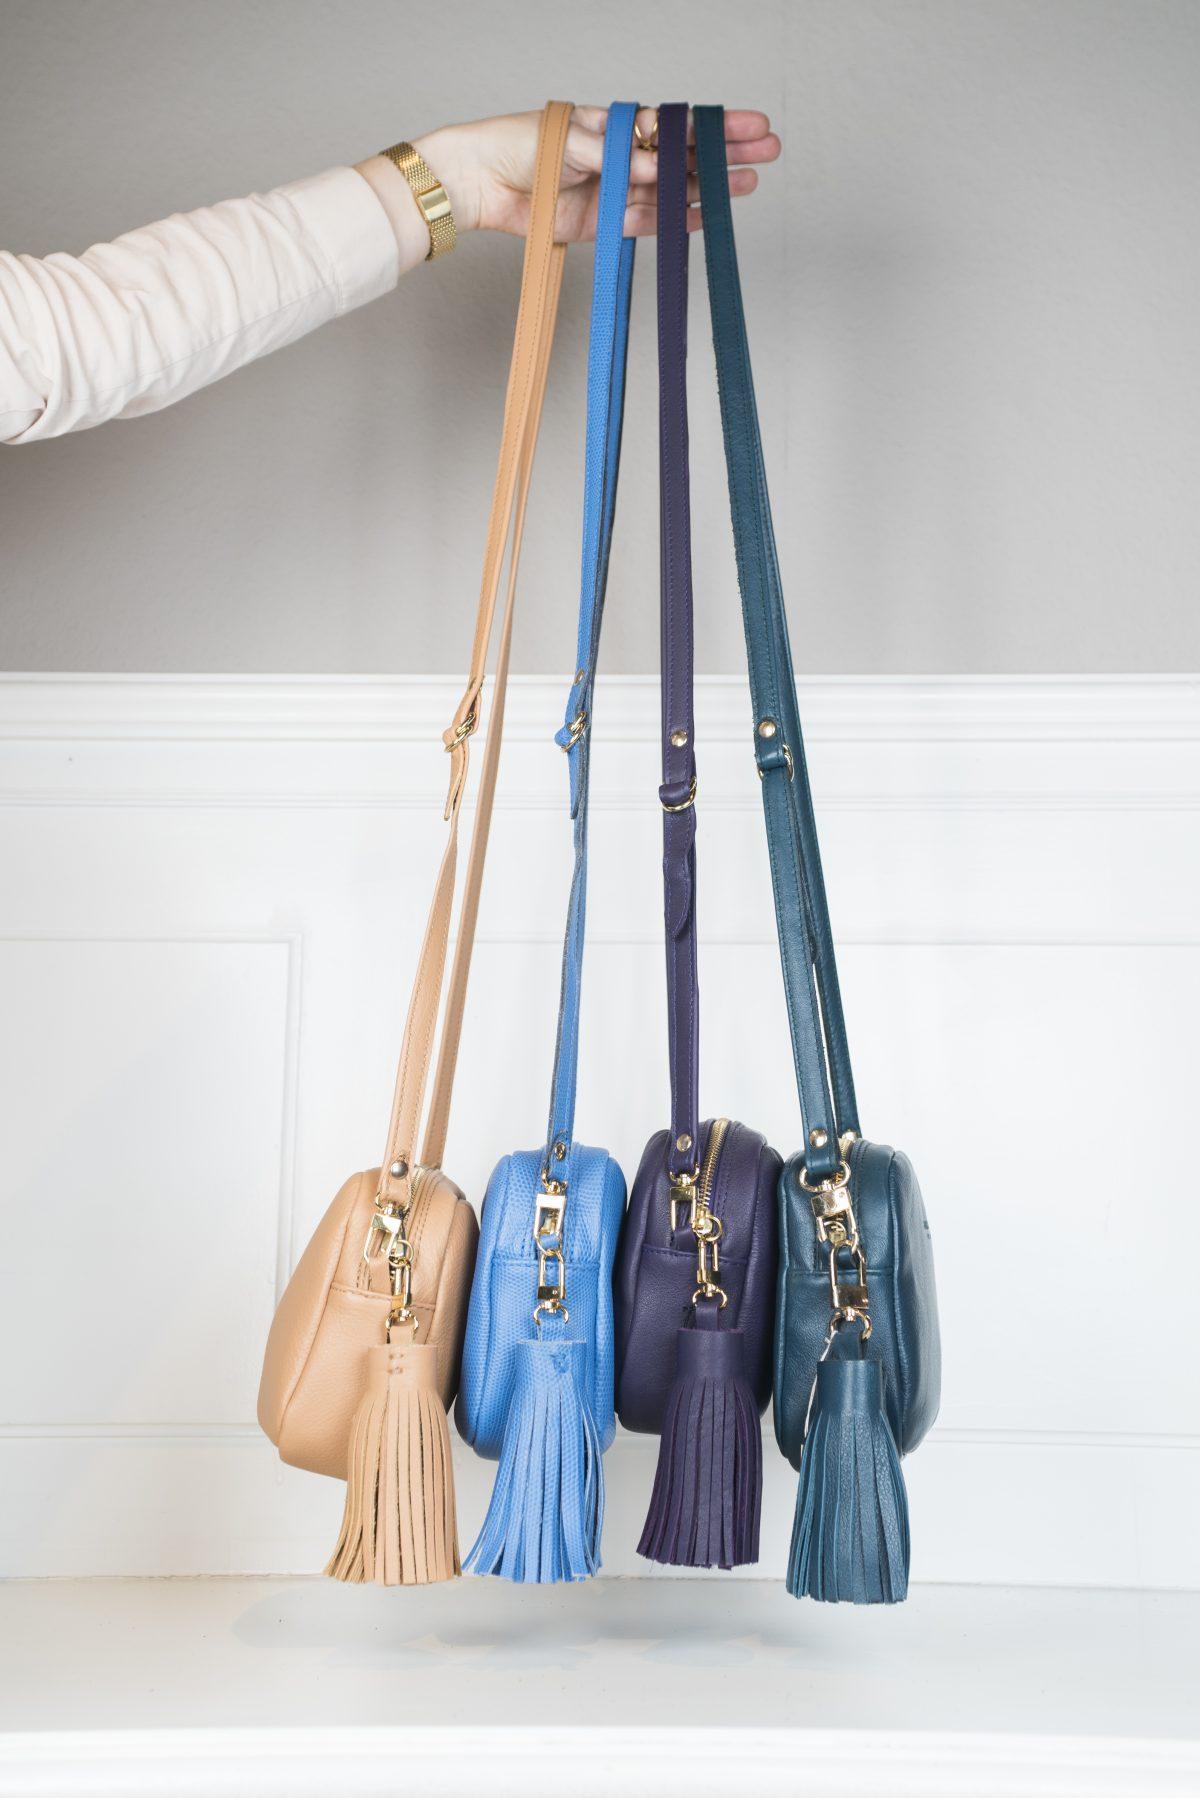 Die Taschen sind in 5 Farben erhältlich - Nude, Hellblau, Aubergine, Petrol, Lila. Jede Tasche ist mit einem Anhänger aus Leder der jeweiligen Farbe bestückt